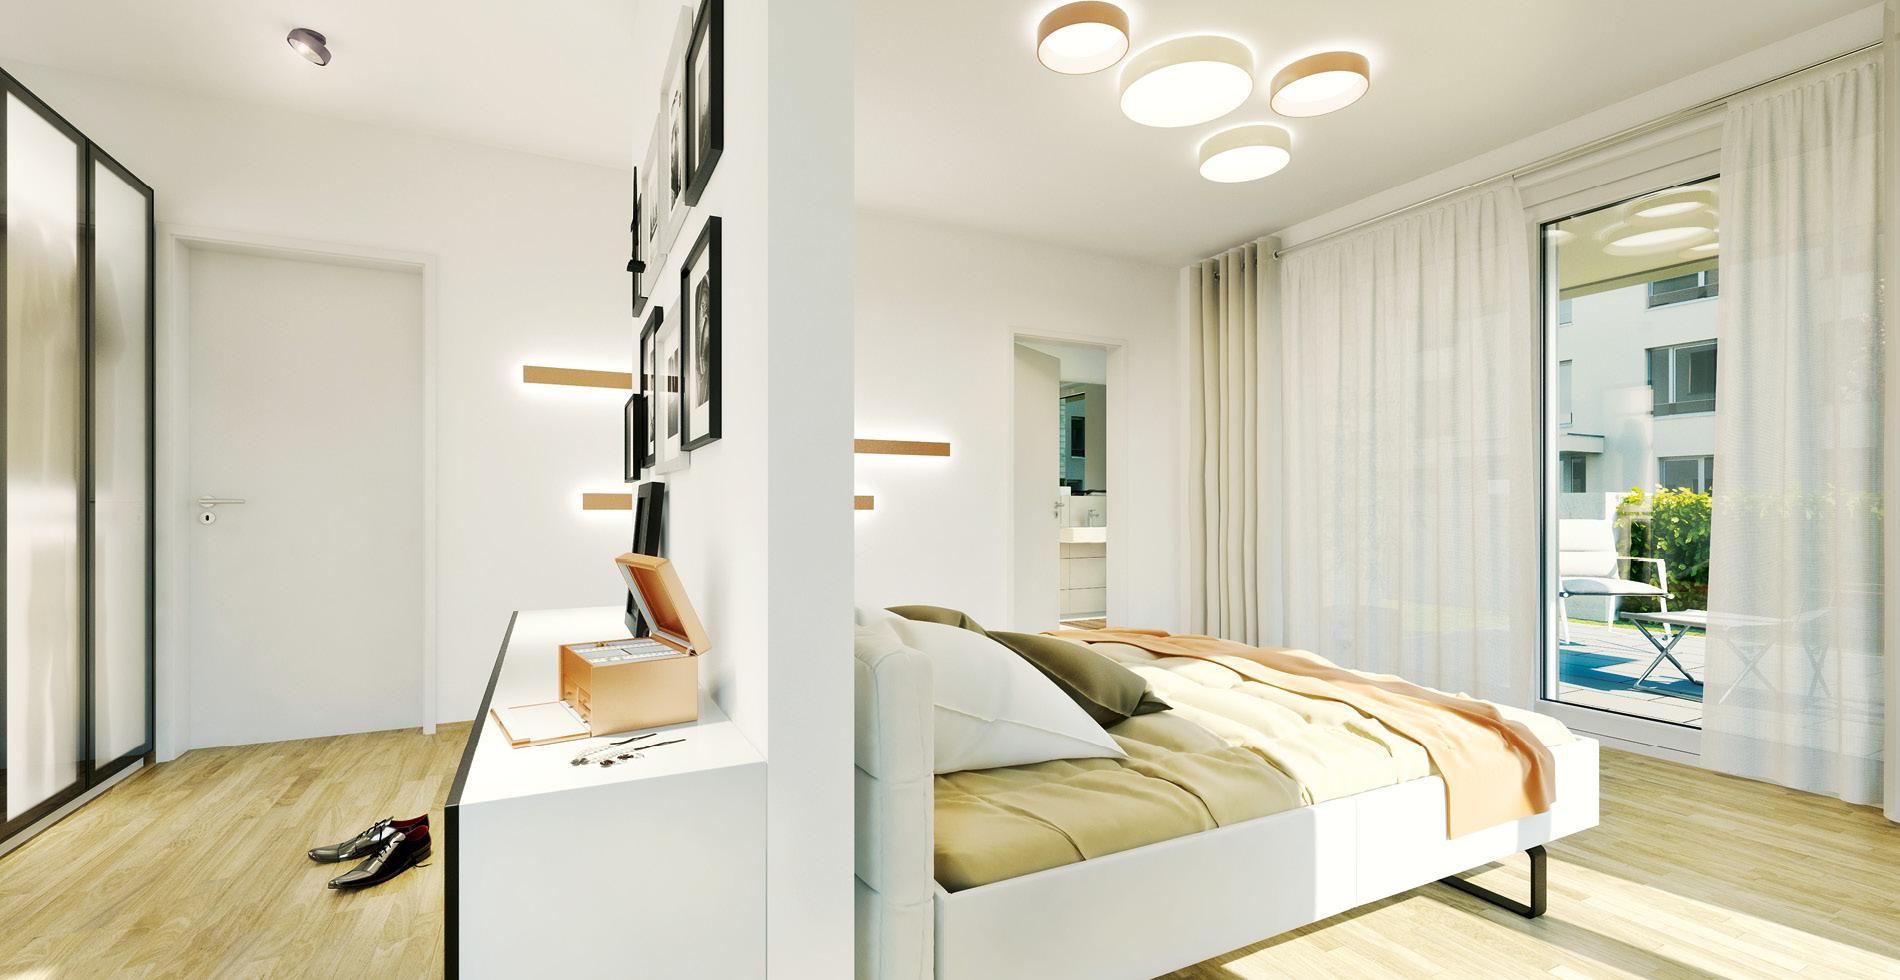 Rendering Schlafbereich für das Standortmarketingkonzept für das Wohnquartier Rhein VII in Düsseldorf